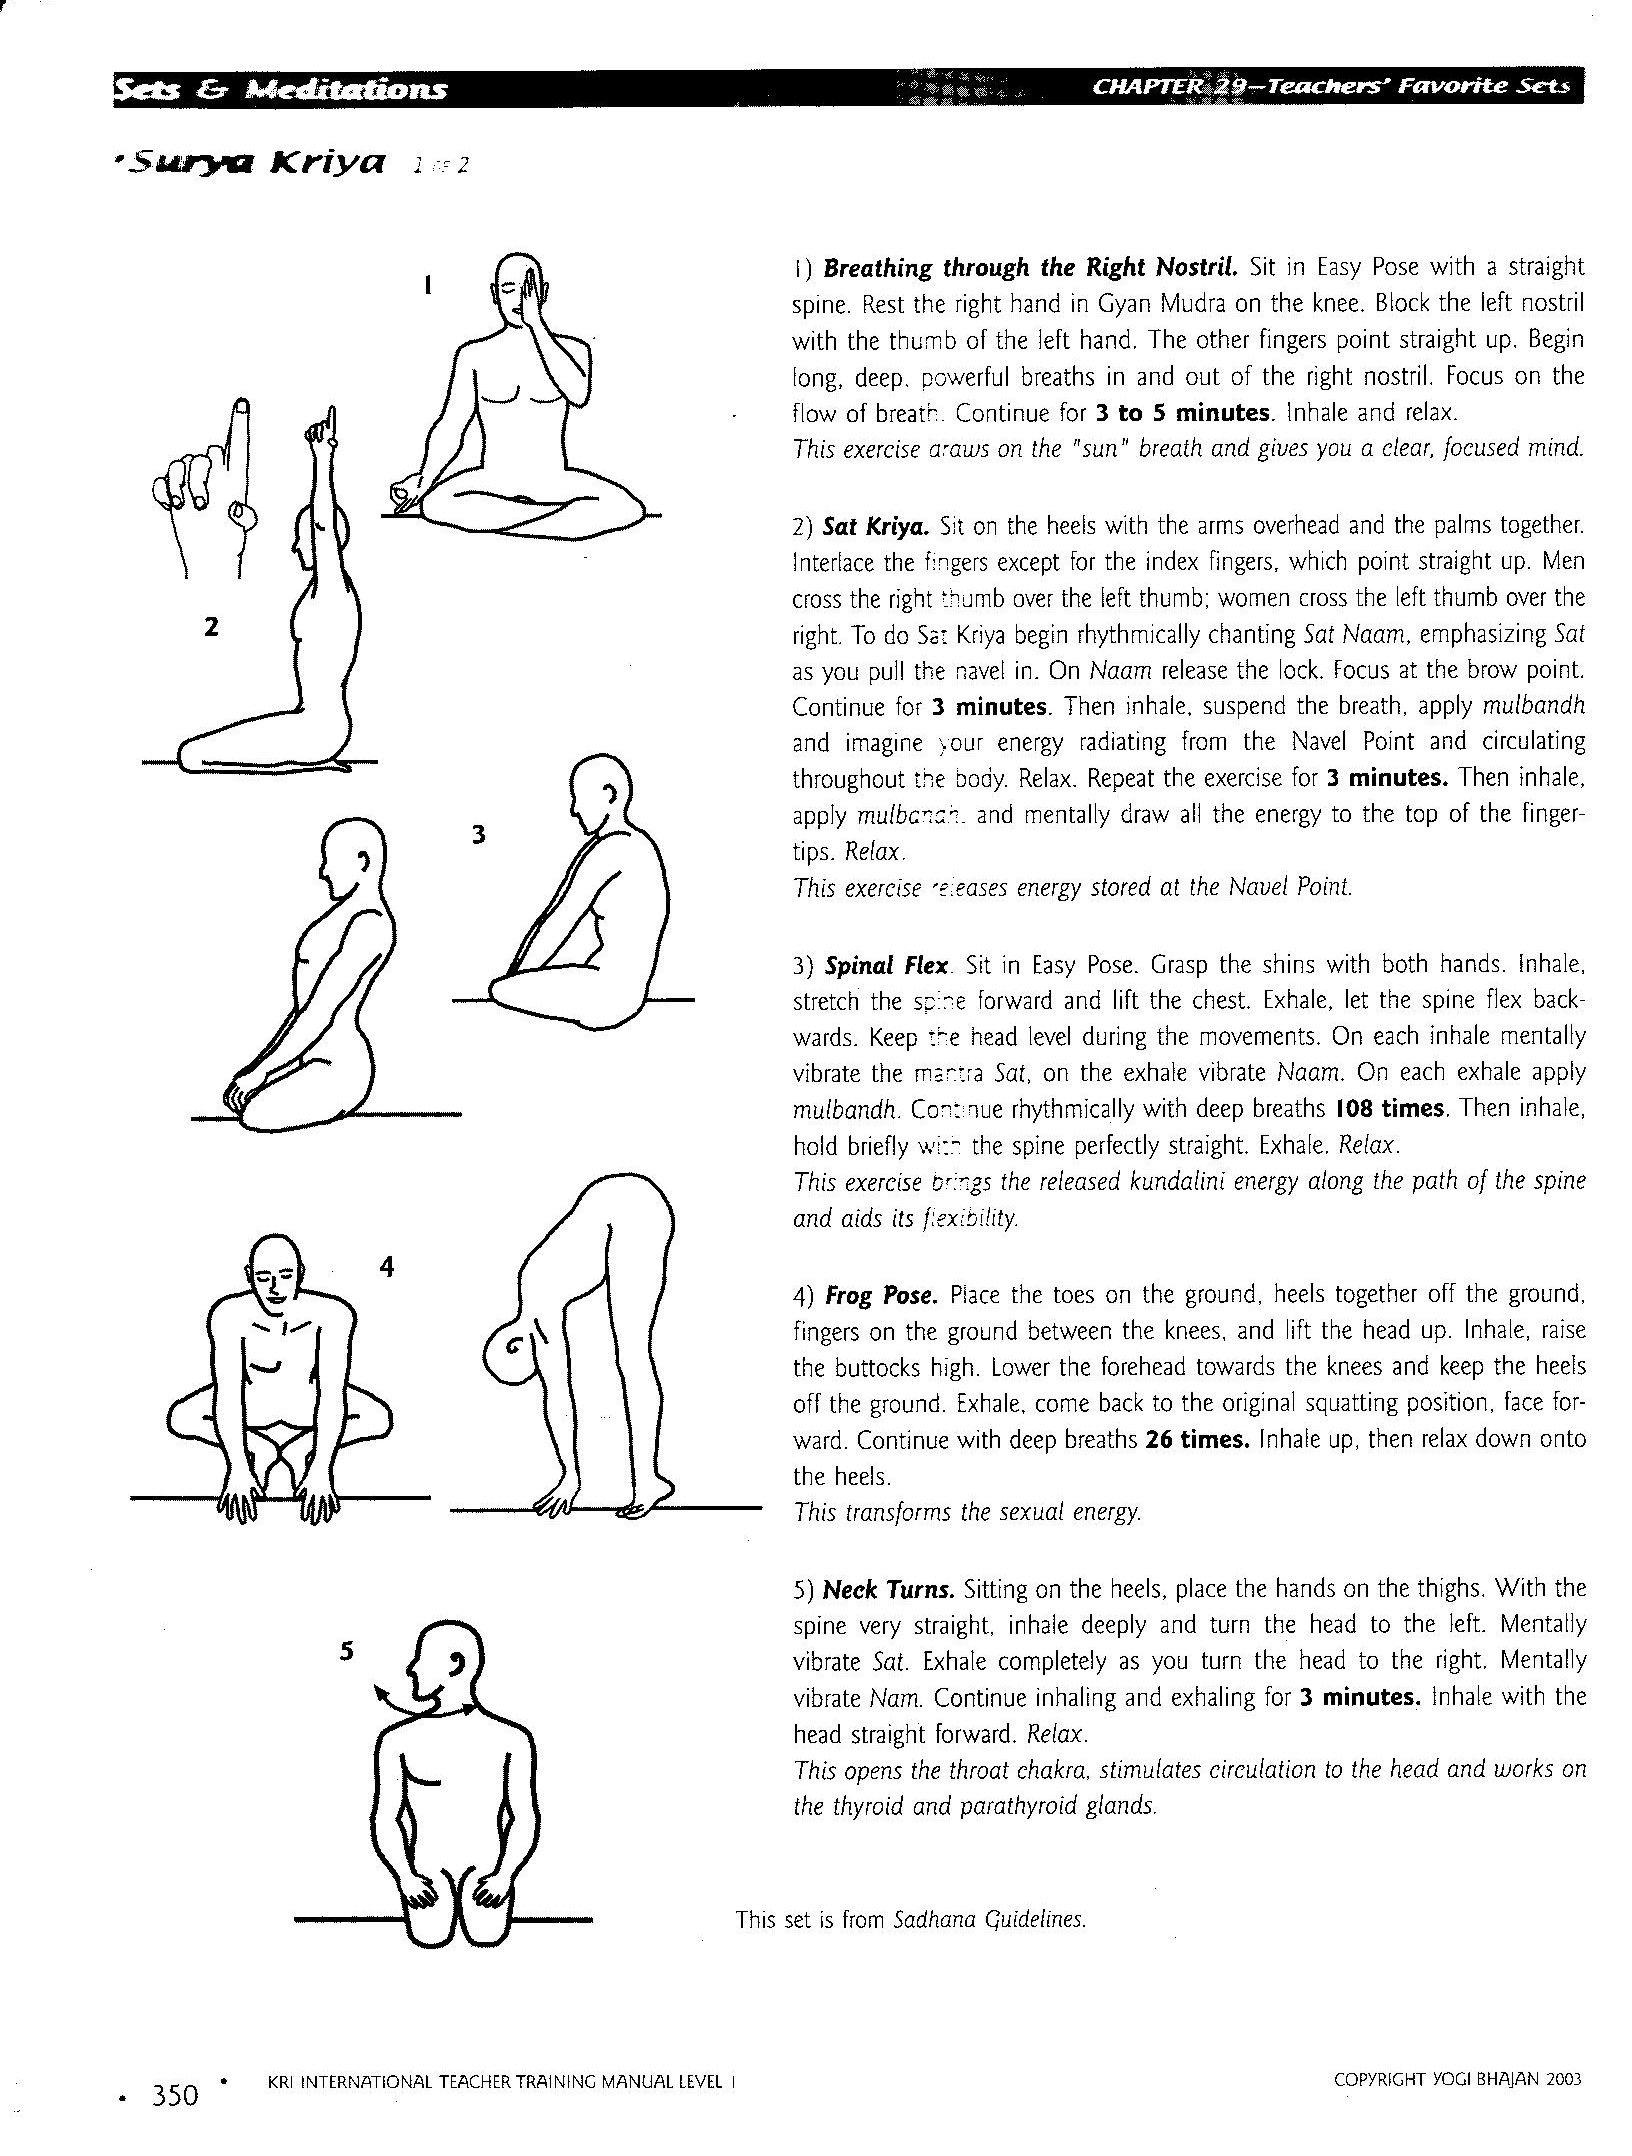 Kundalini yoga exercise sexual energy